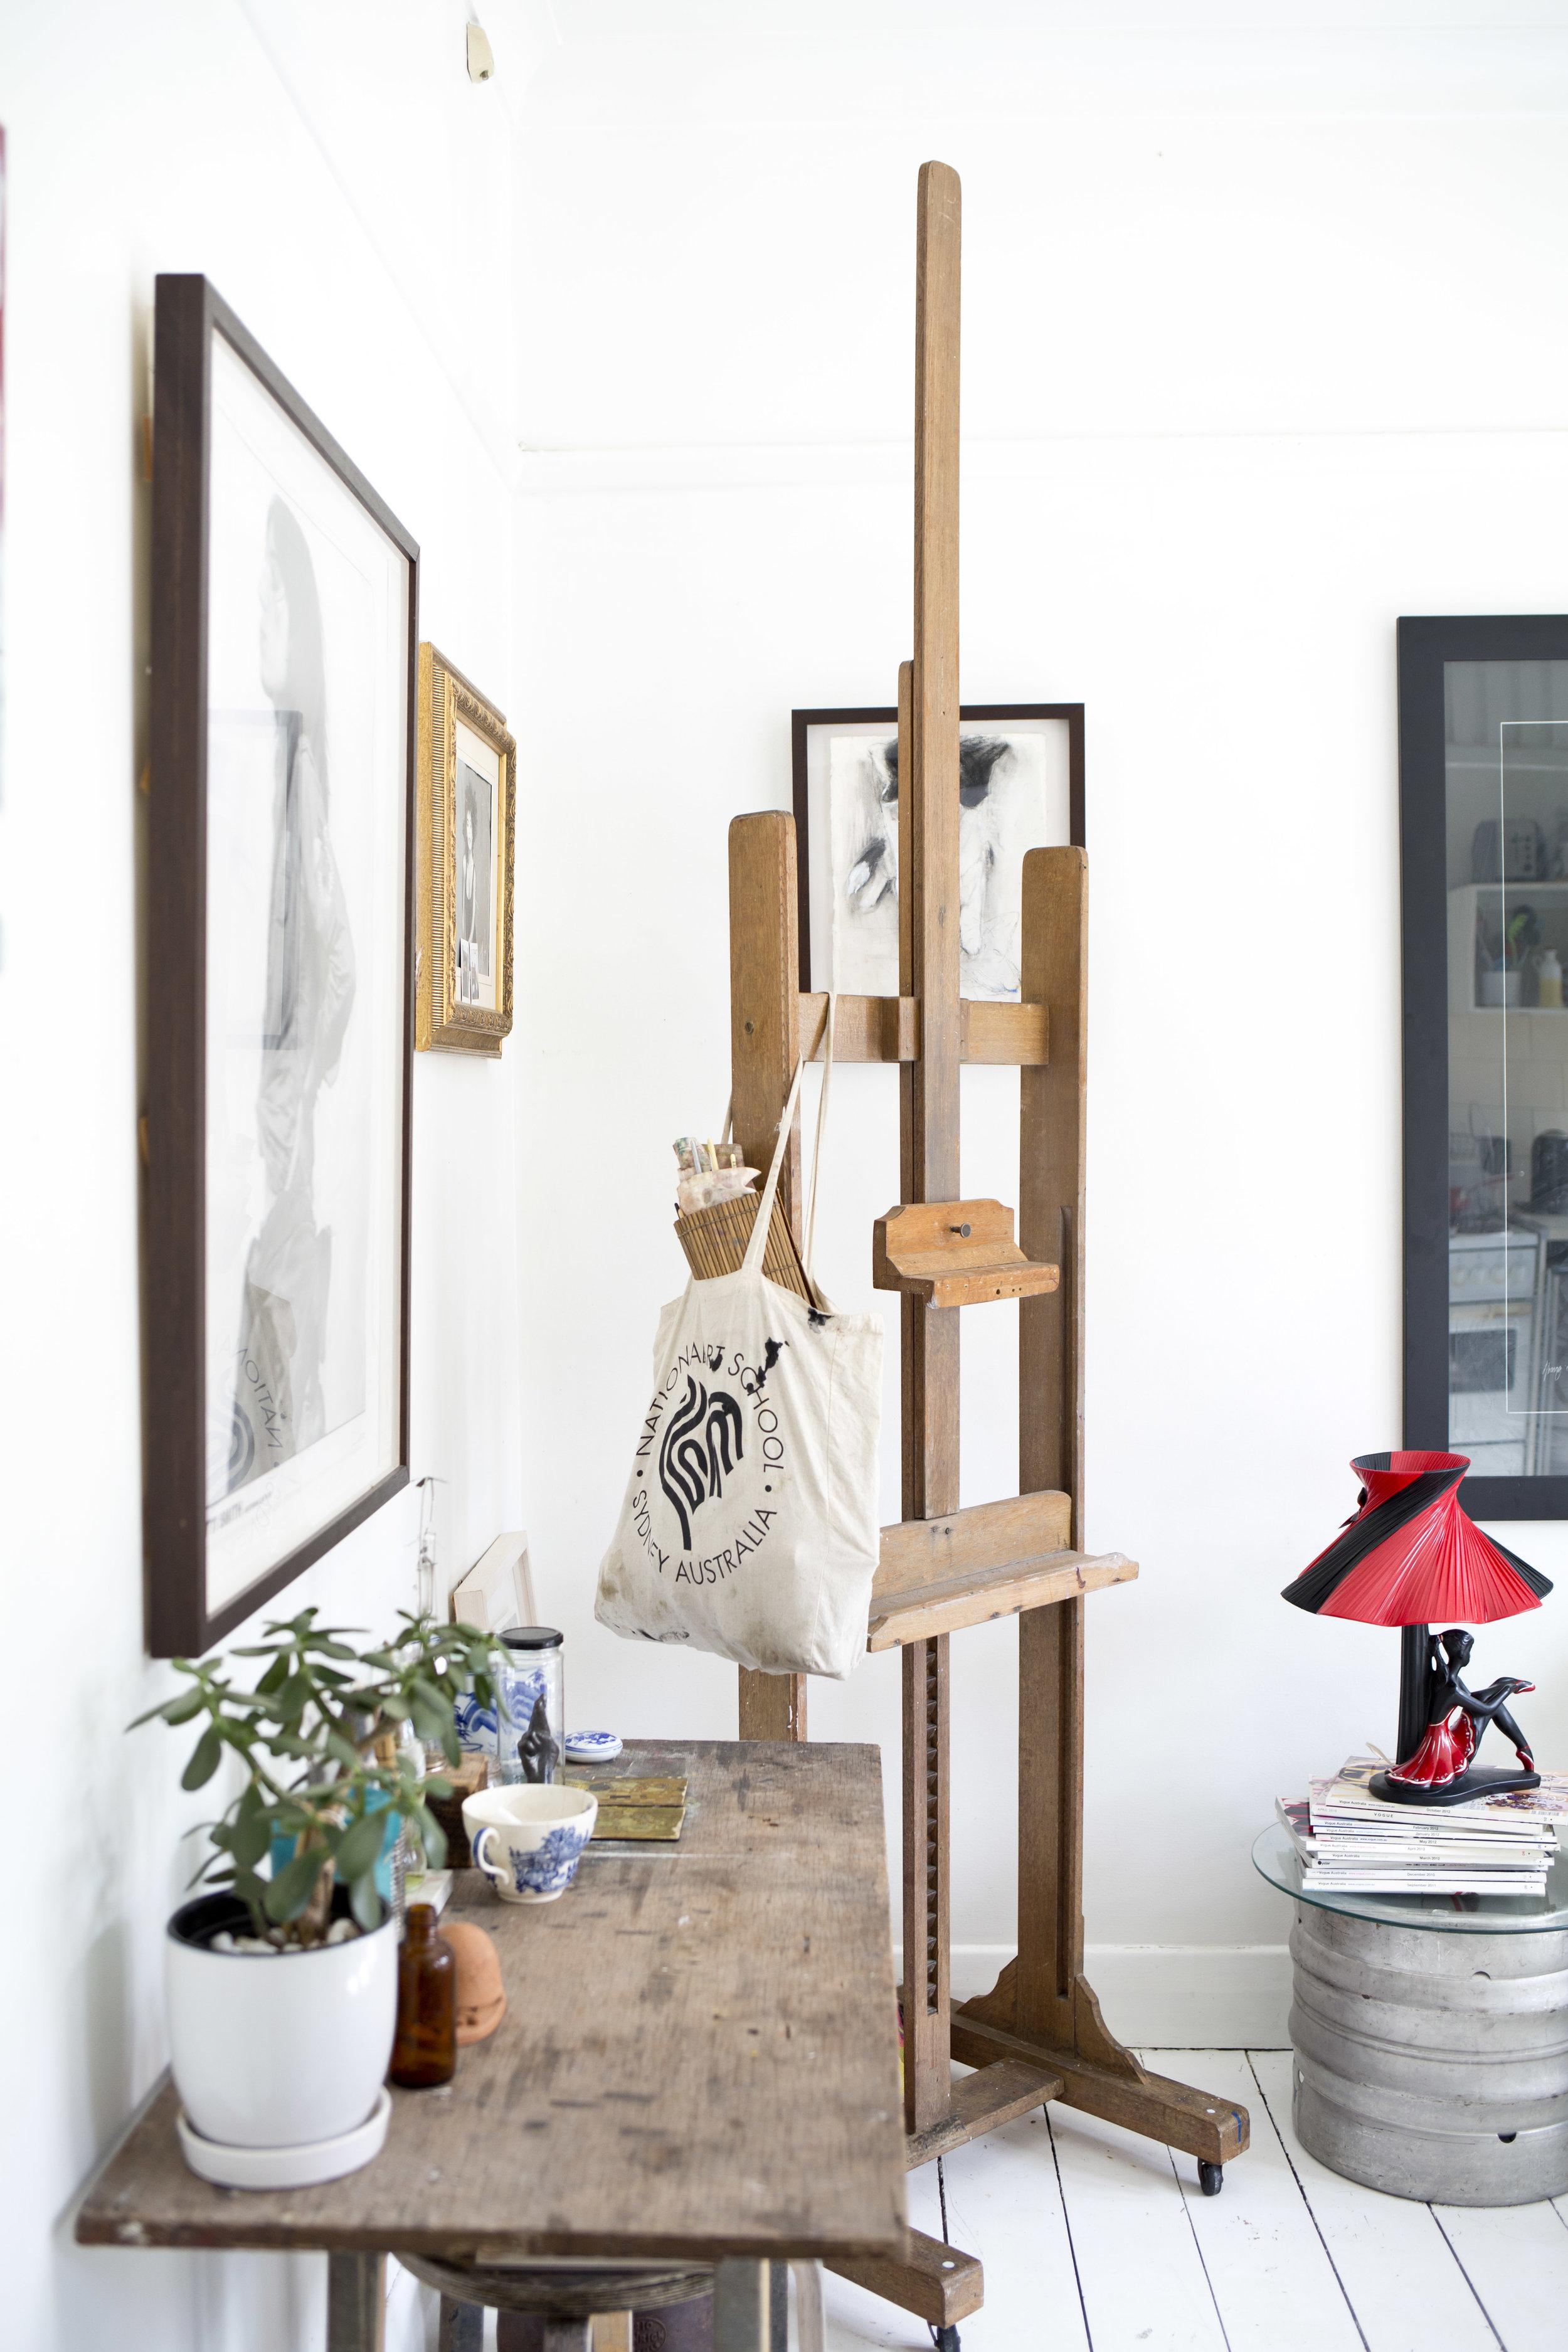 Artists Residence Sydney